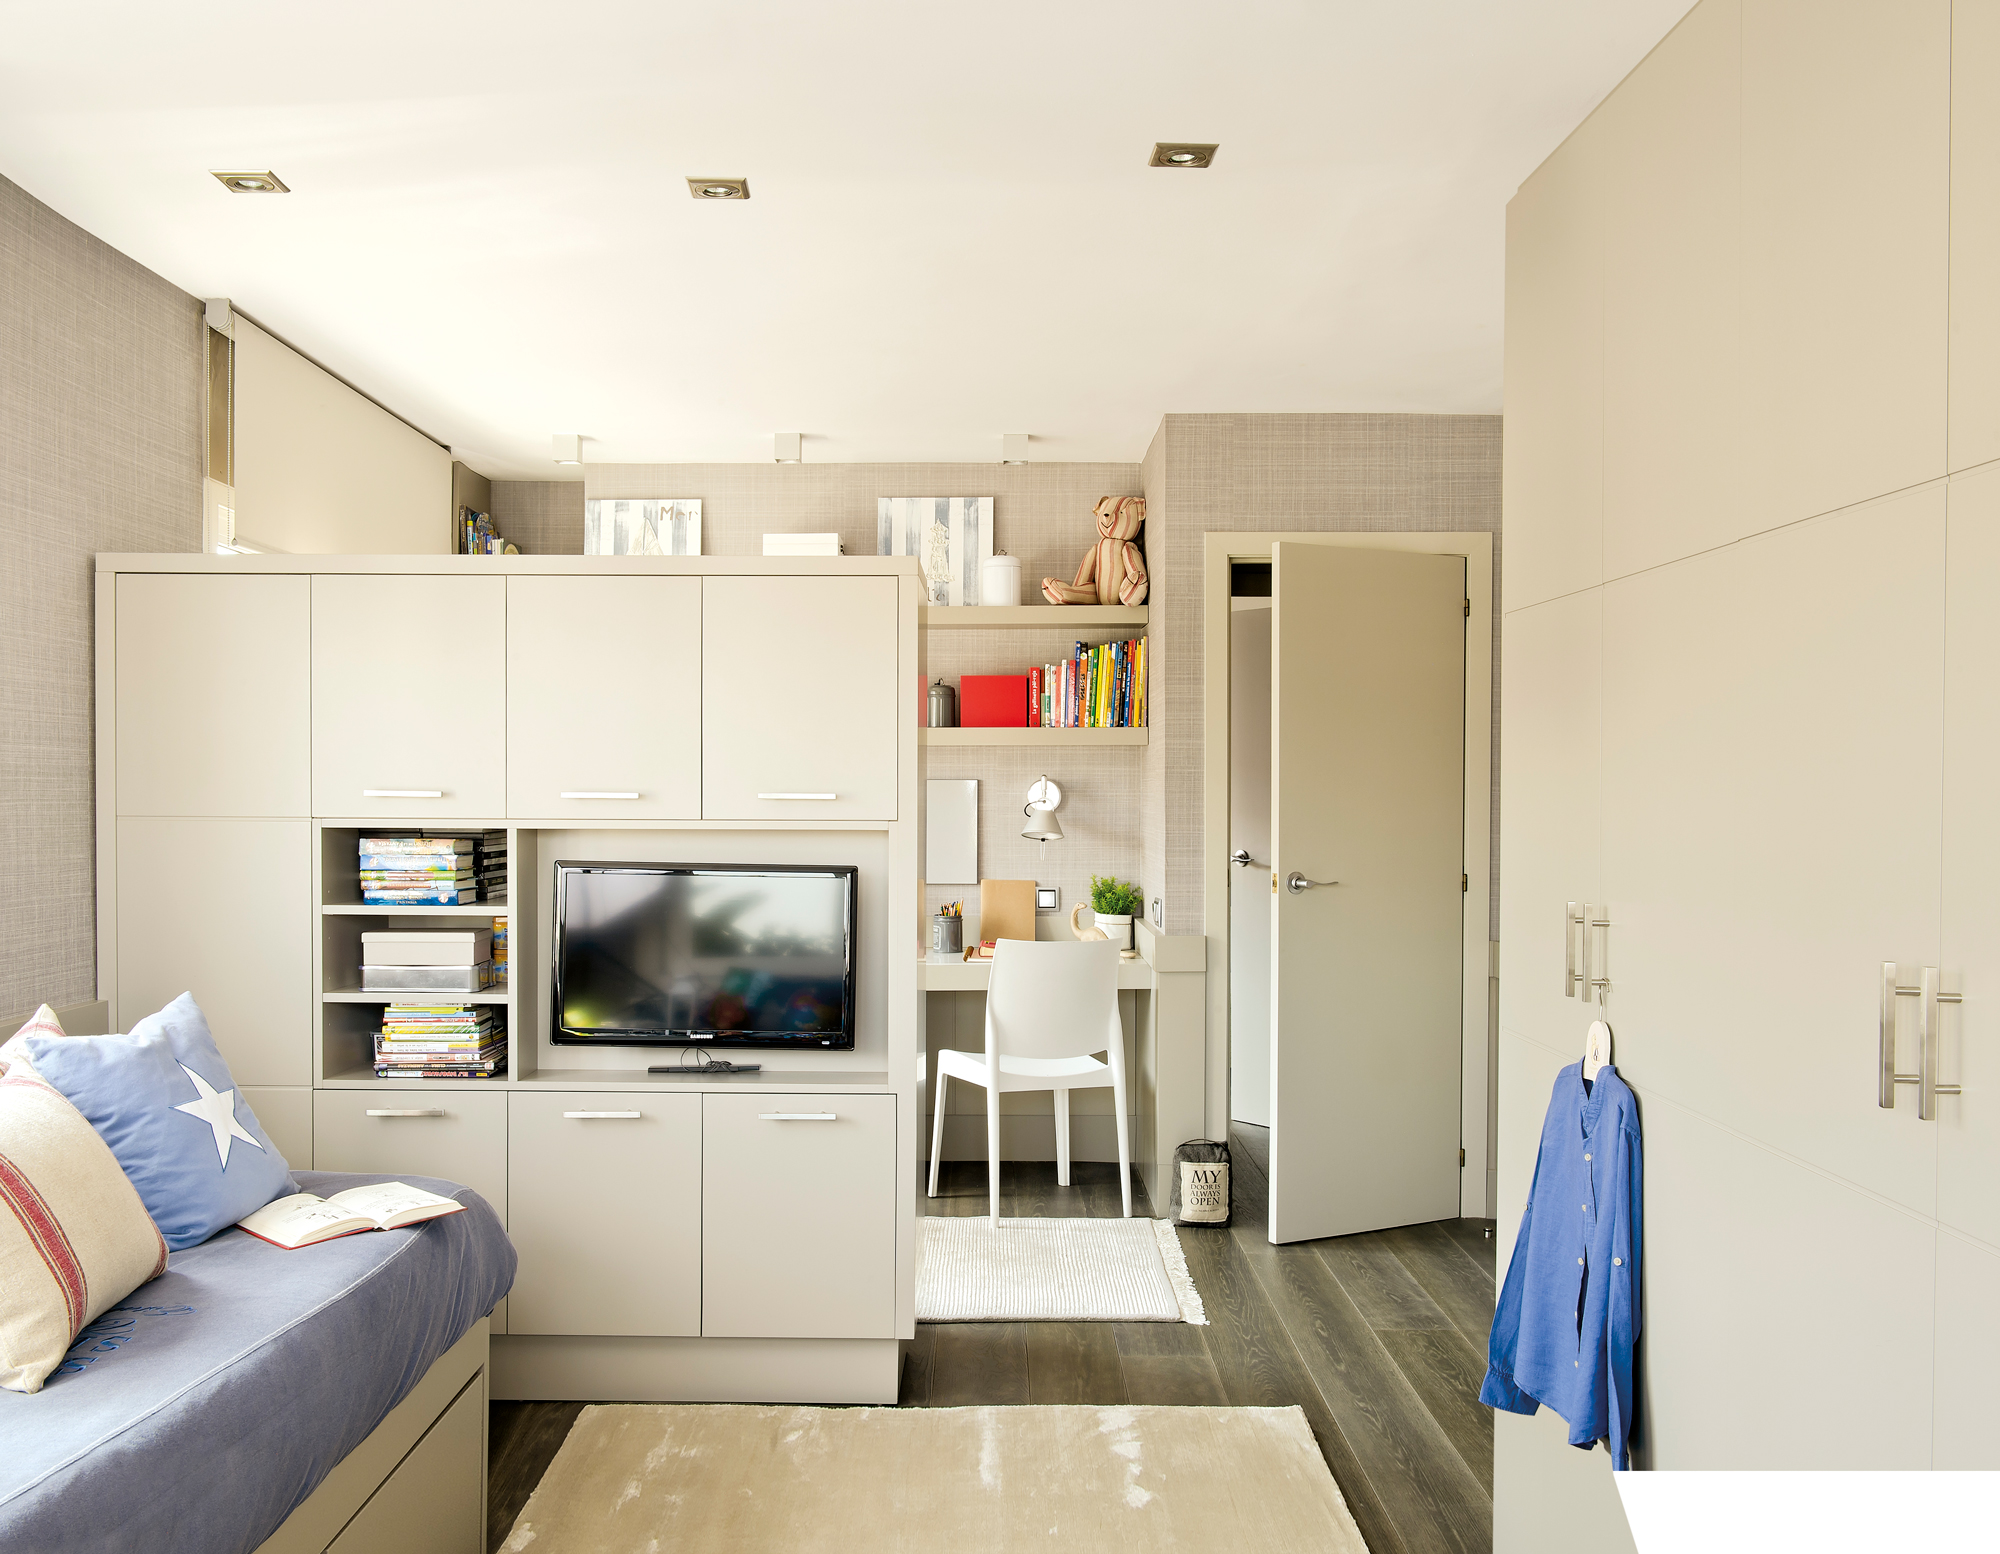 Muebles vers tiles con doble funci n ideales para espacios for Mueble esquinero para dormitorio